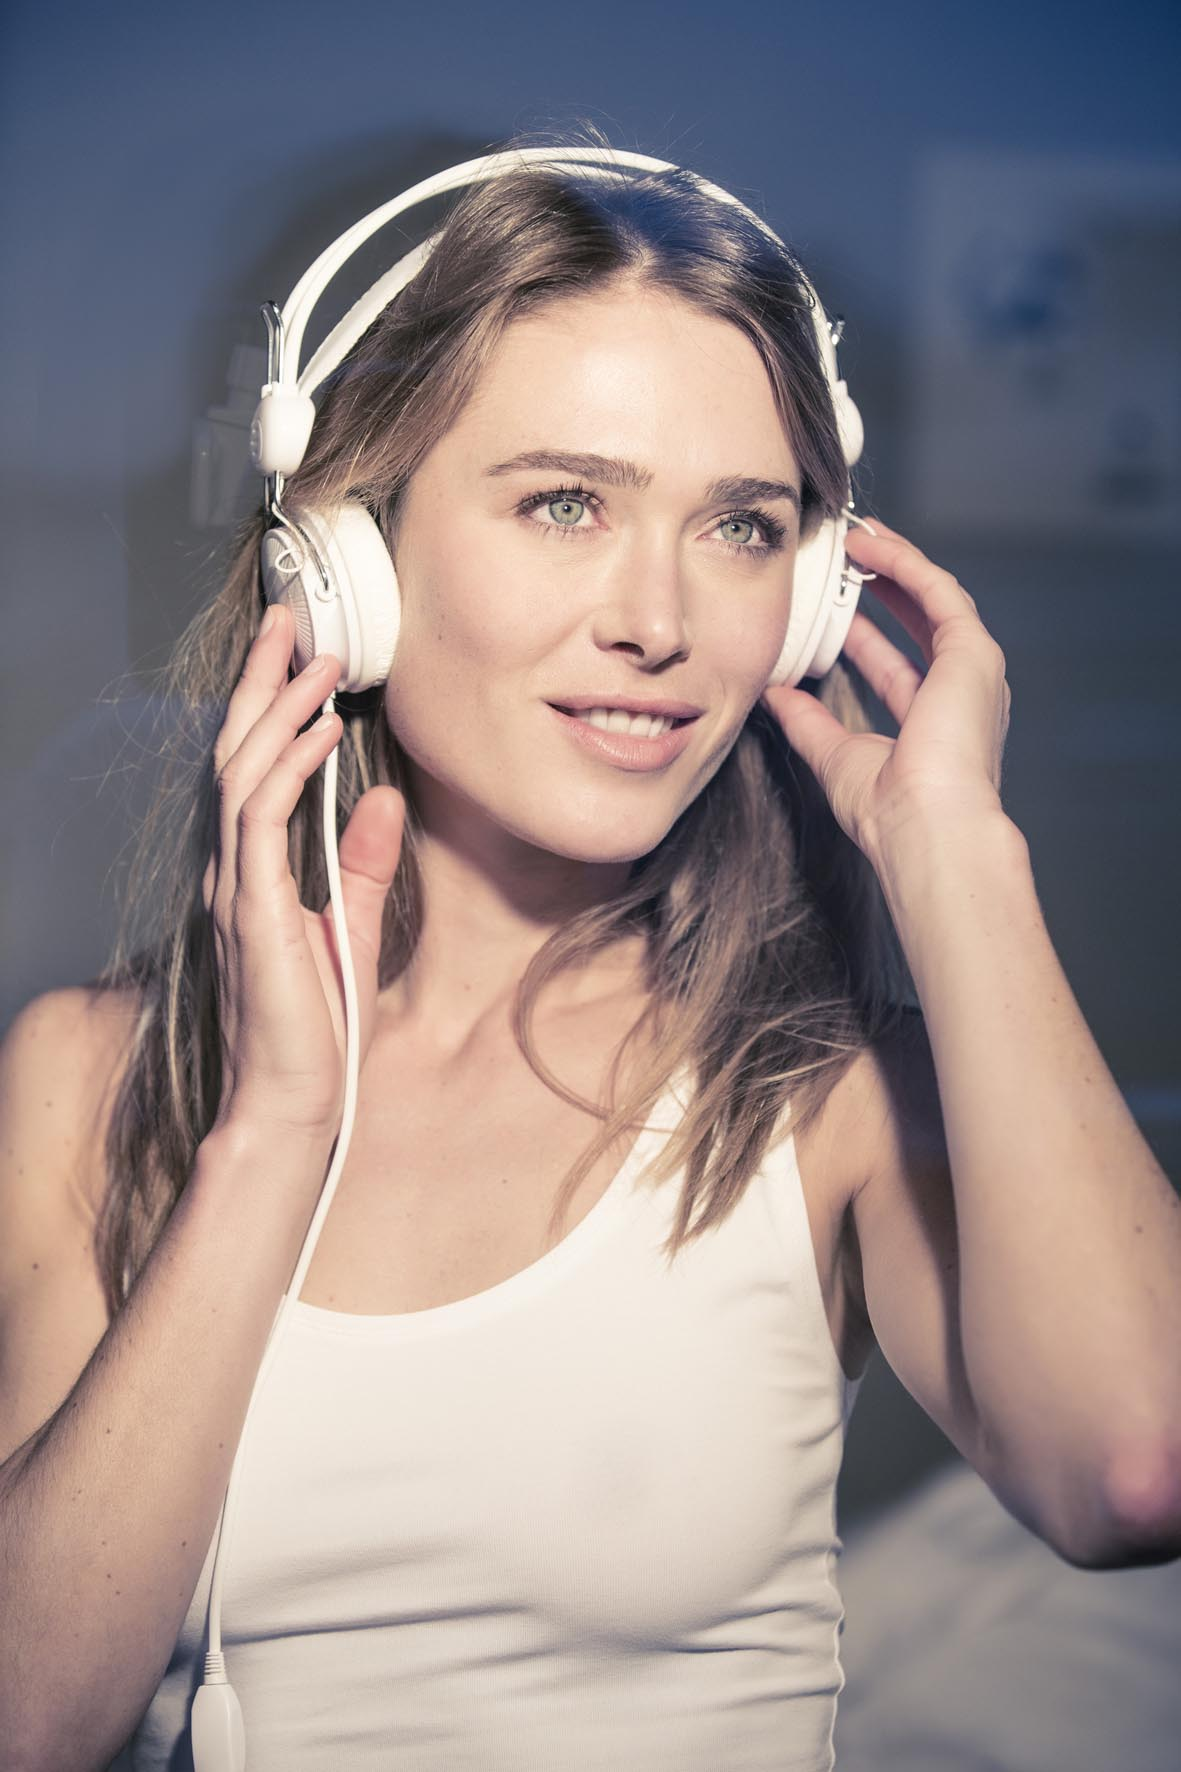 Ina mit Kopfhörern schaut in die Ferne